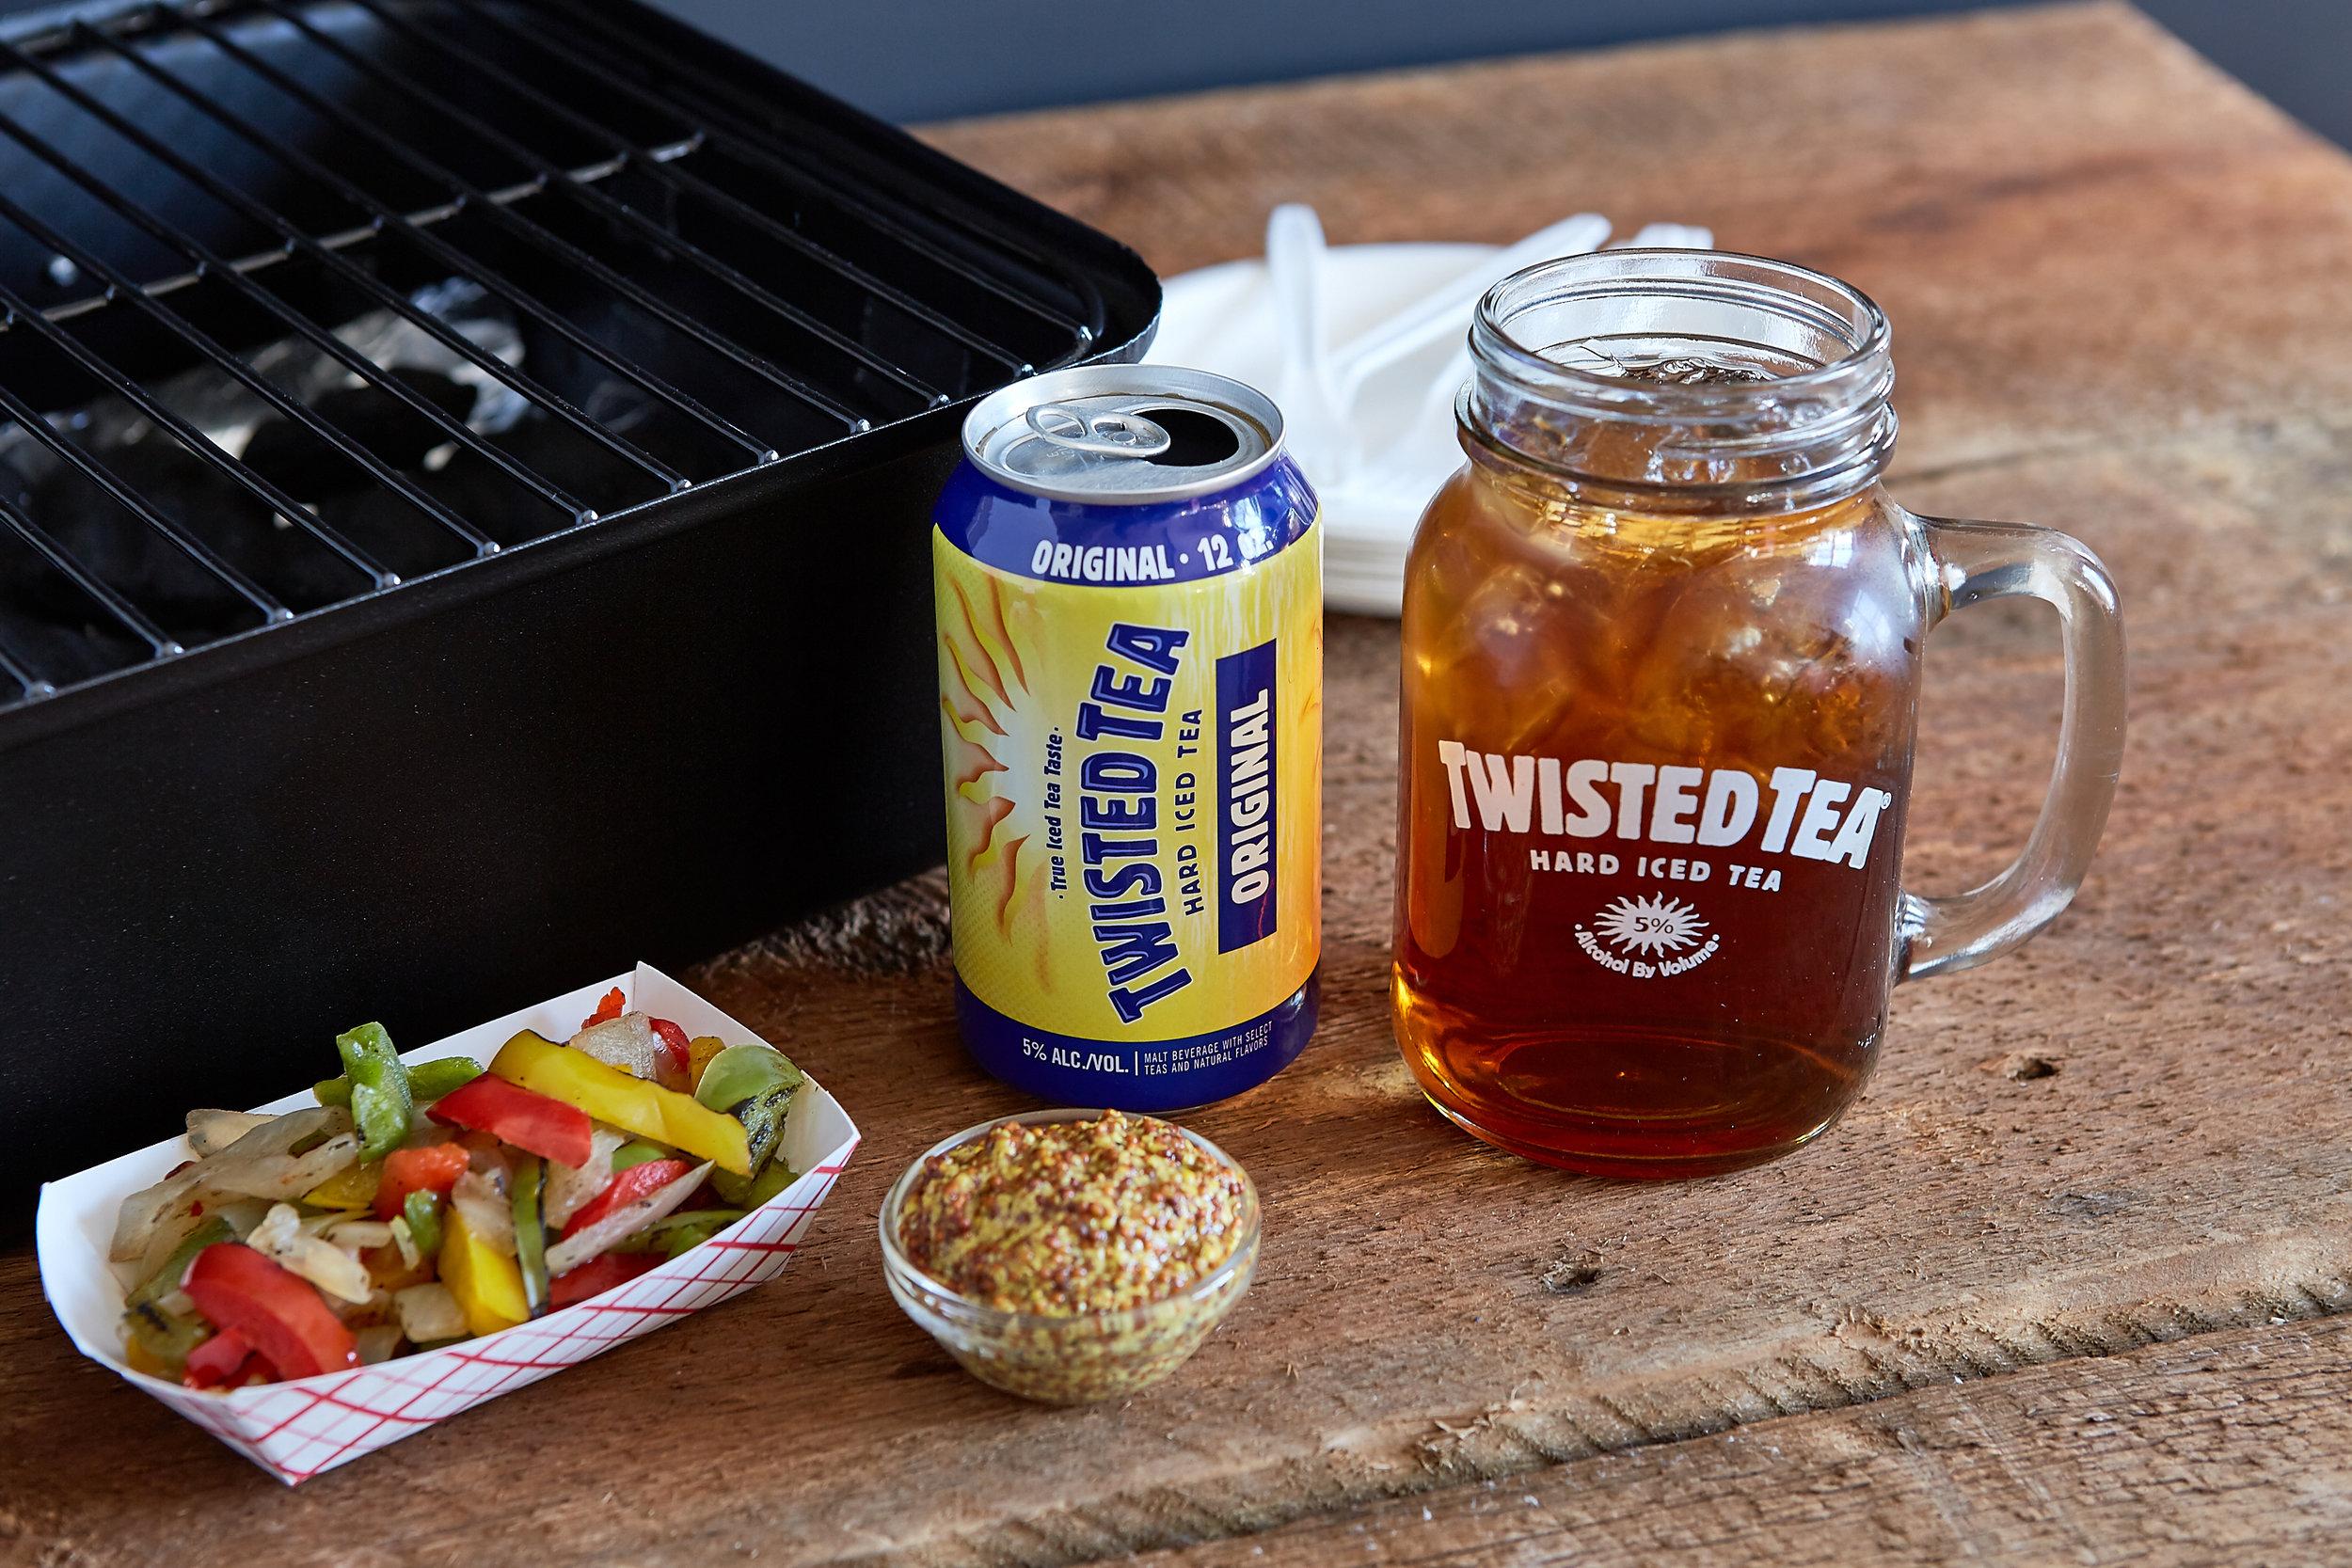 Twisted Tea_11.15.17_KF Photo05.jpg